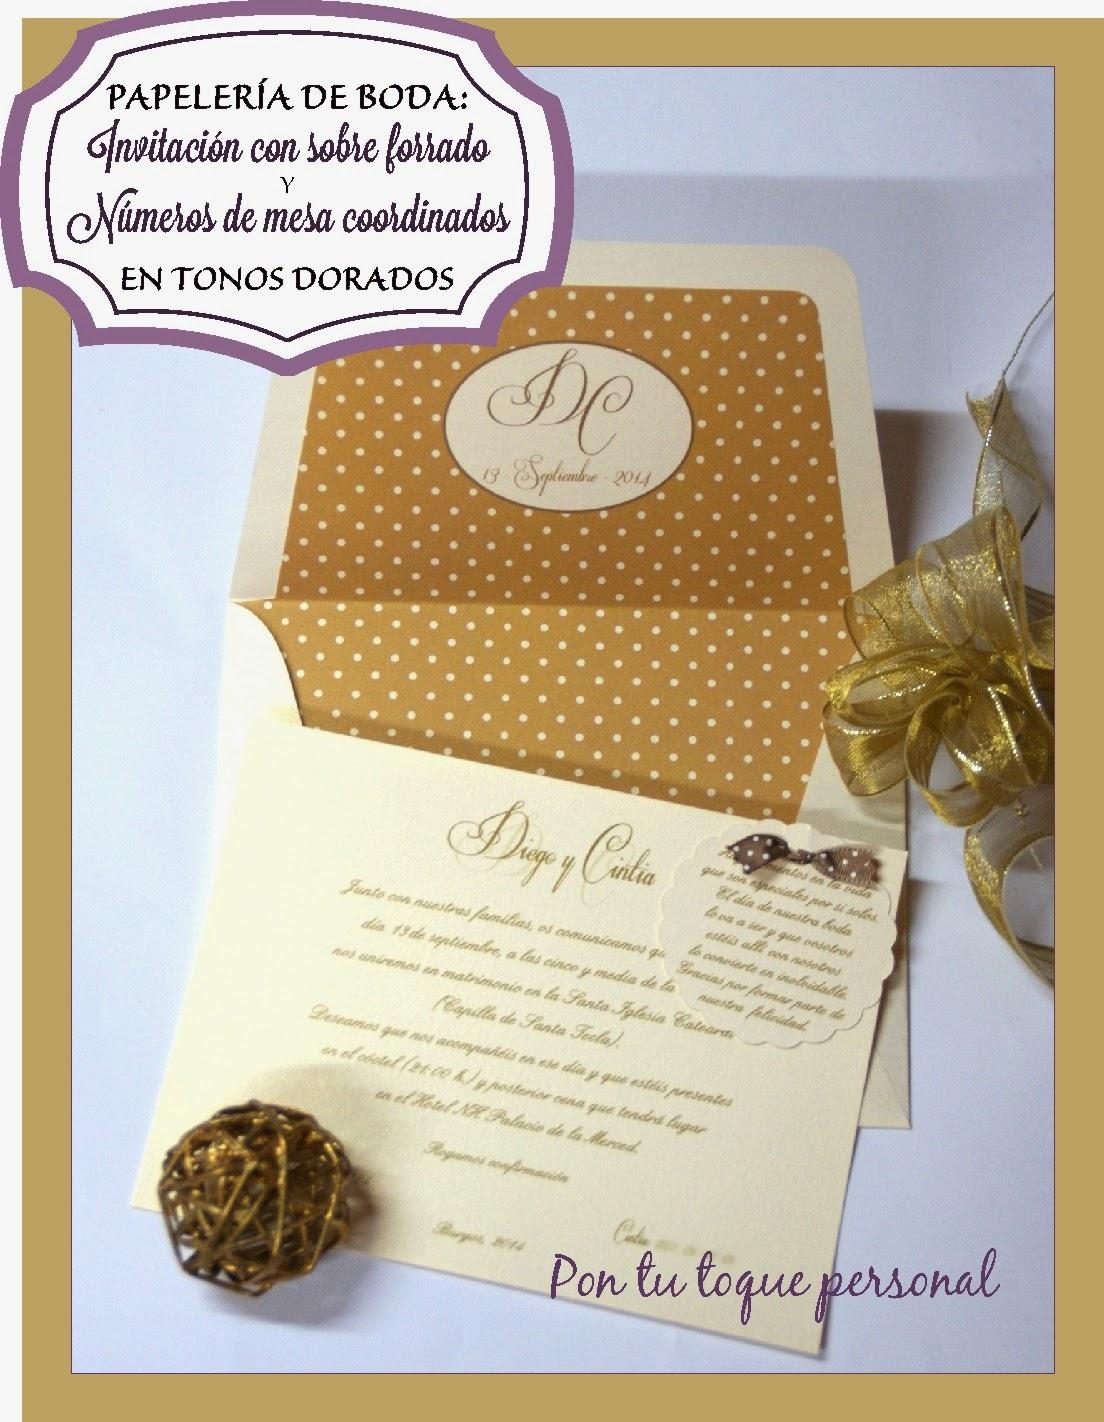 Papelería de boda: Invitación con sobre forrado y números de mesa coordinados en tonos dorados